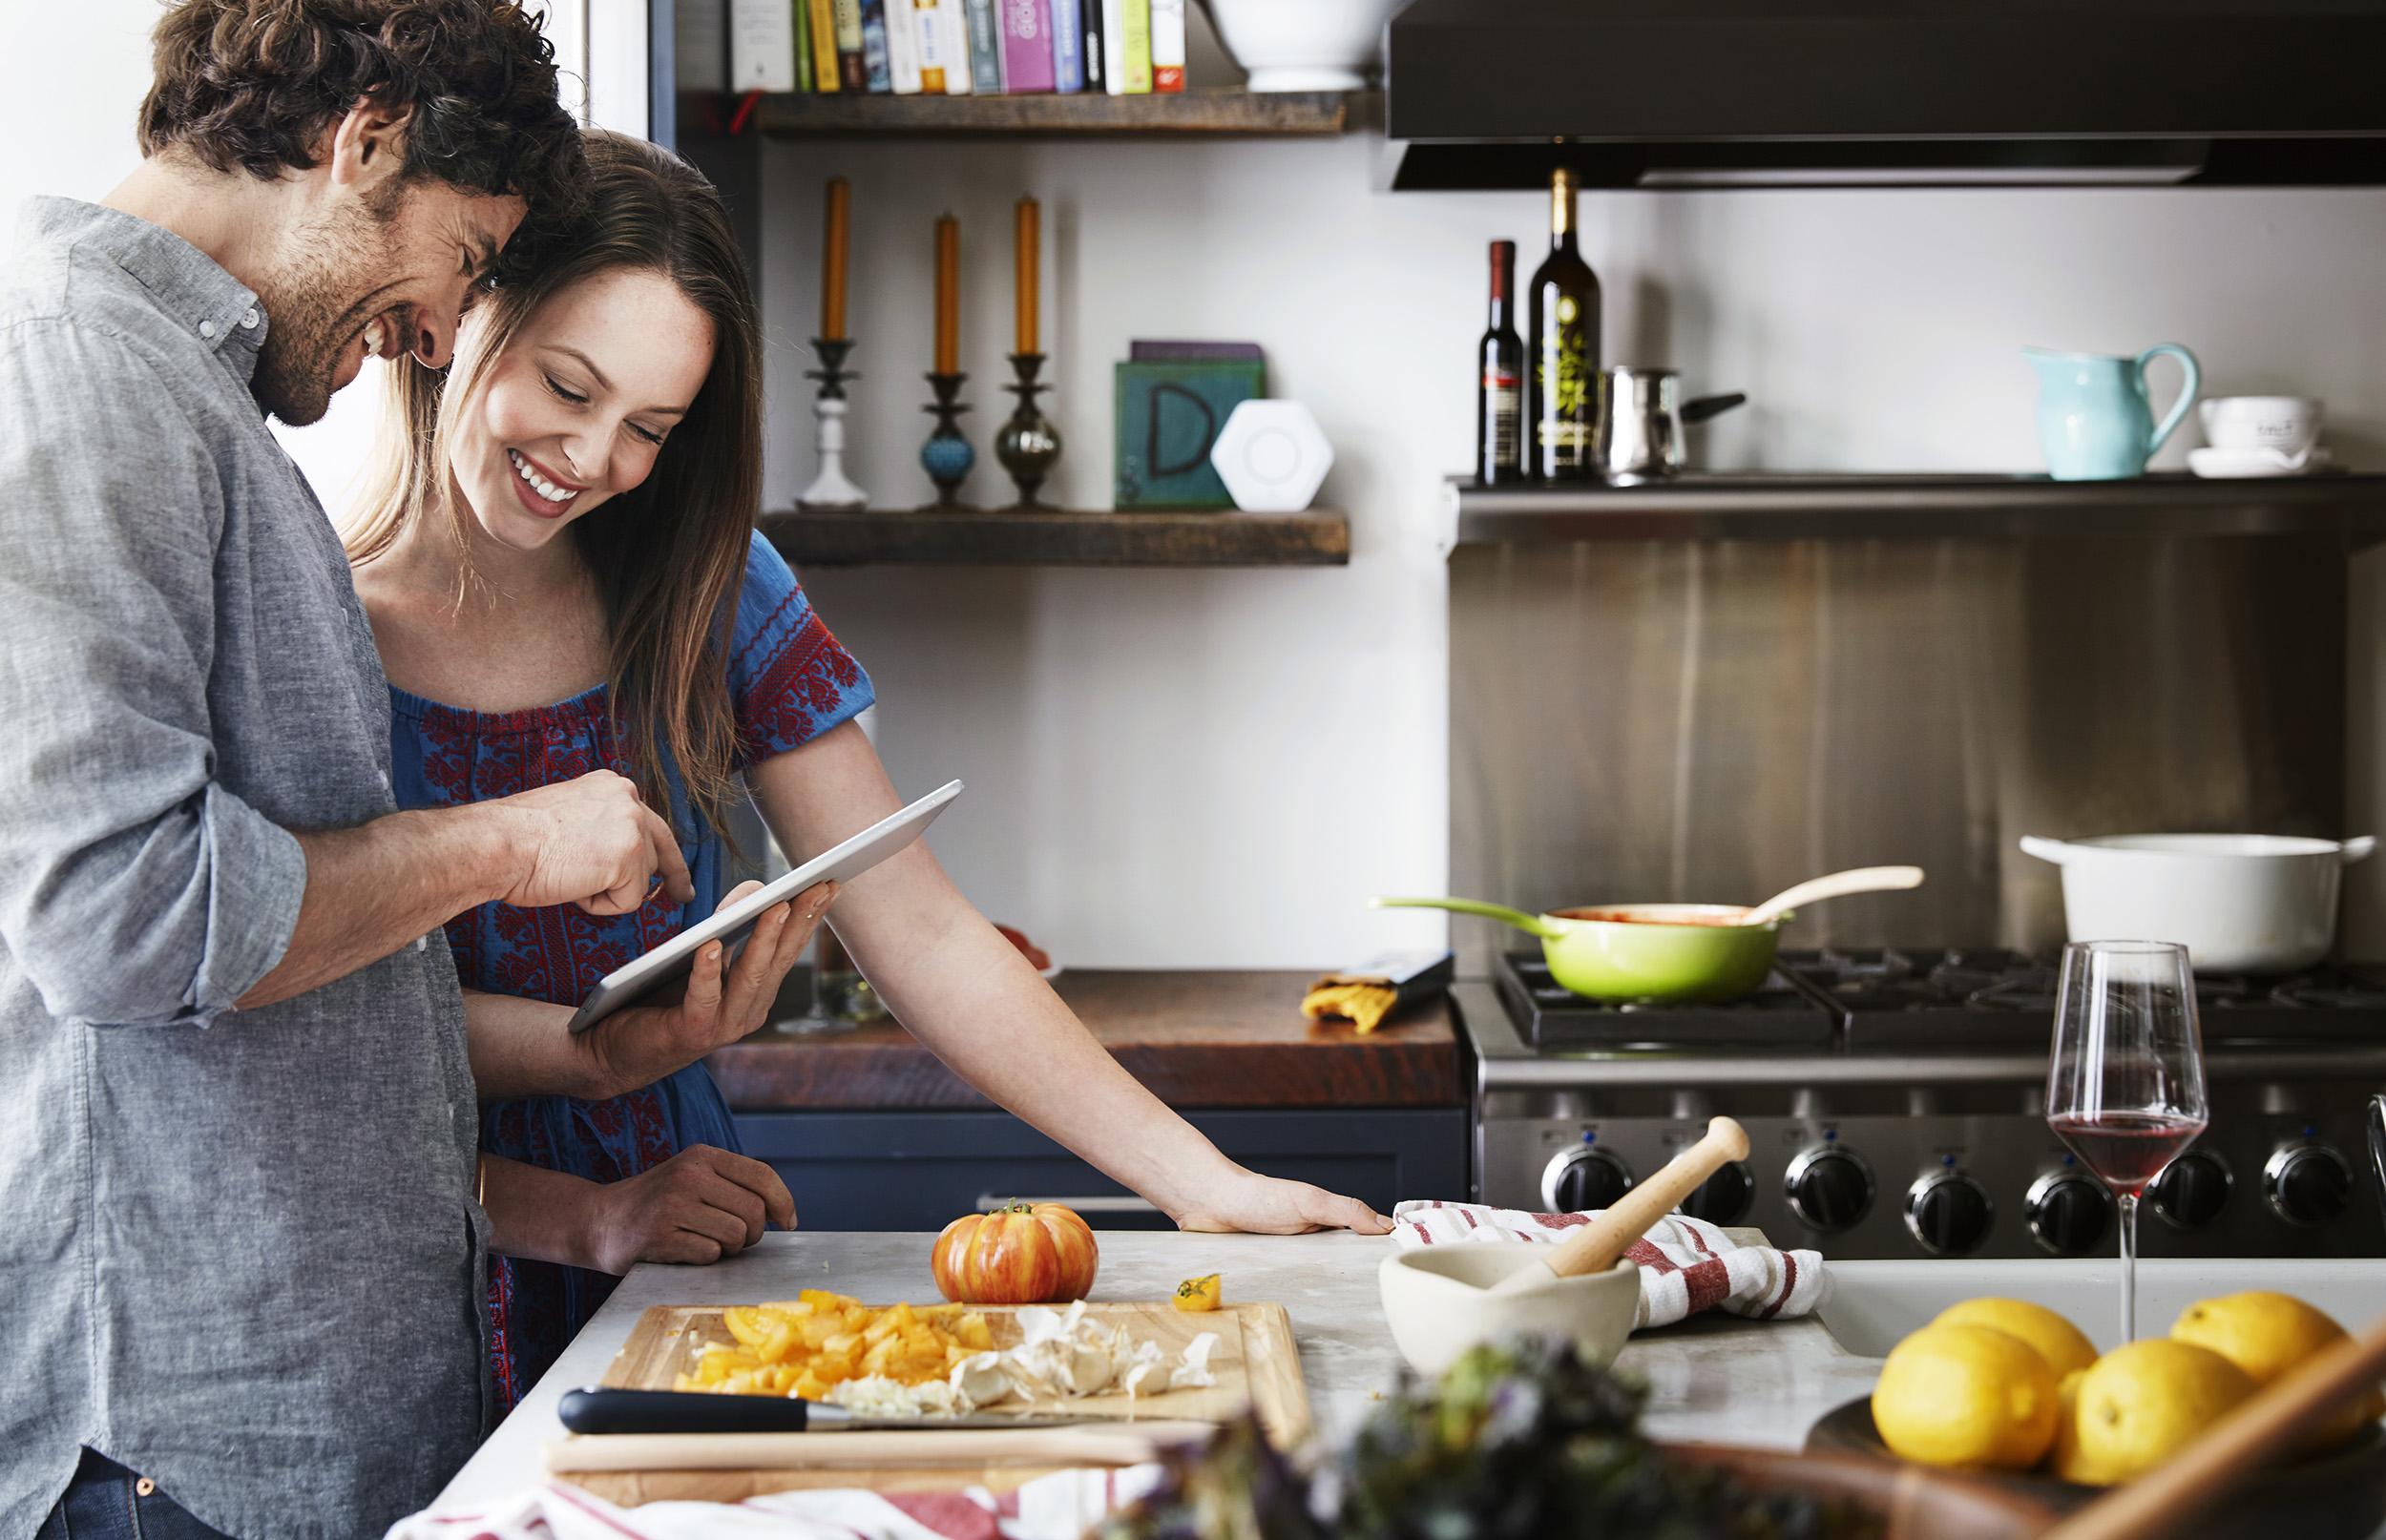 Kitchen_Couple_1609_V2_final_crop.jpg